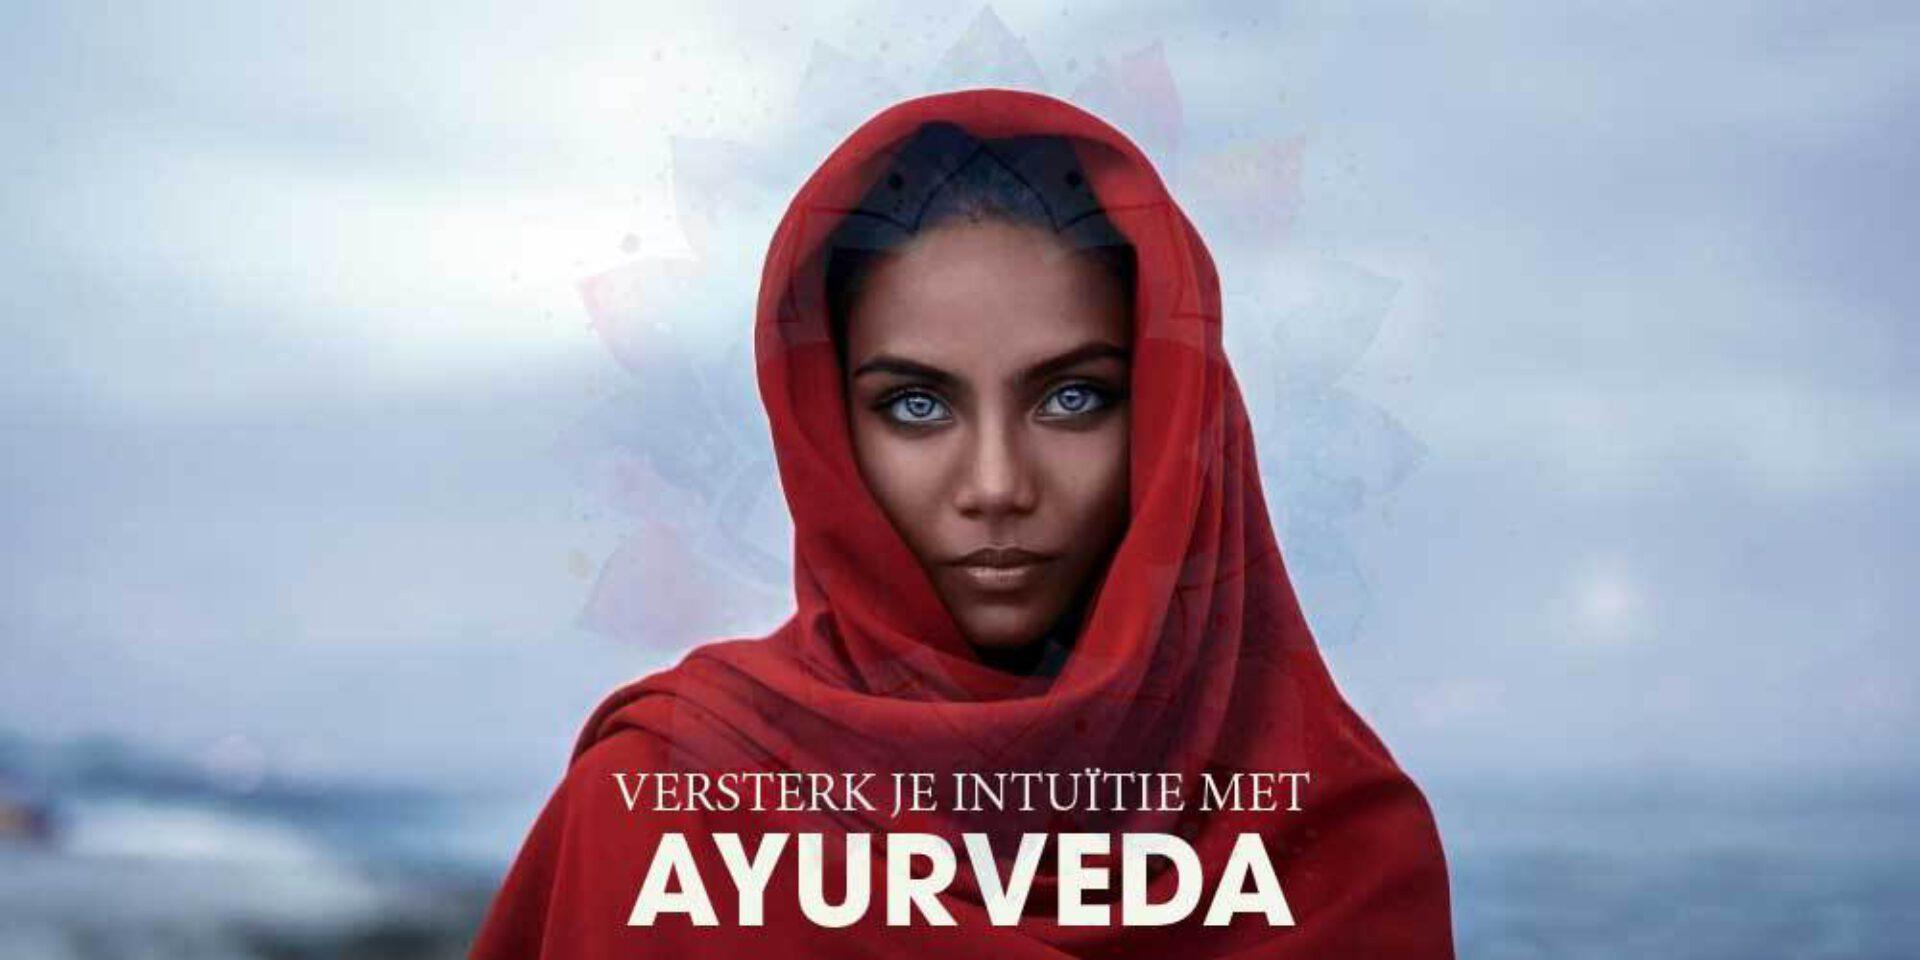 Je intuïtie versterken met behulp van ayurveda: 5 tips om je persoonlijke bron van kennis aan te boren